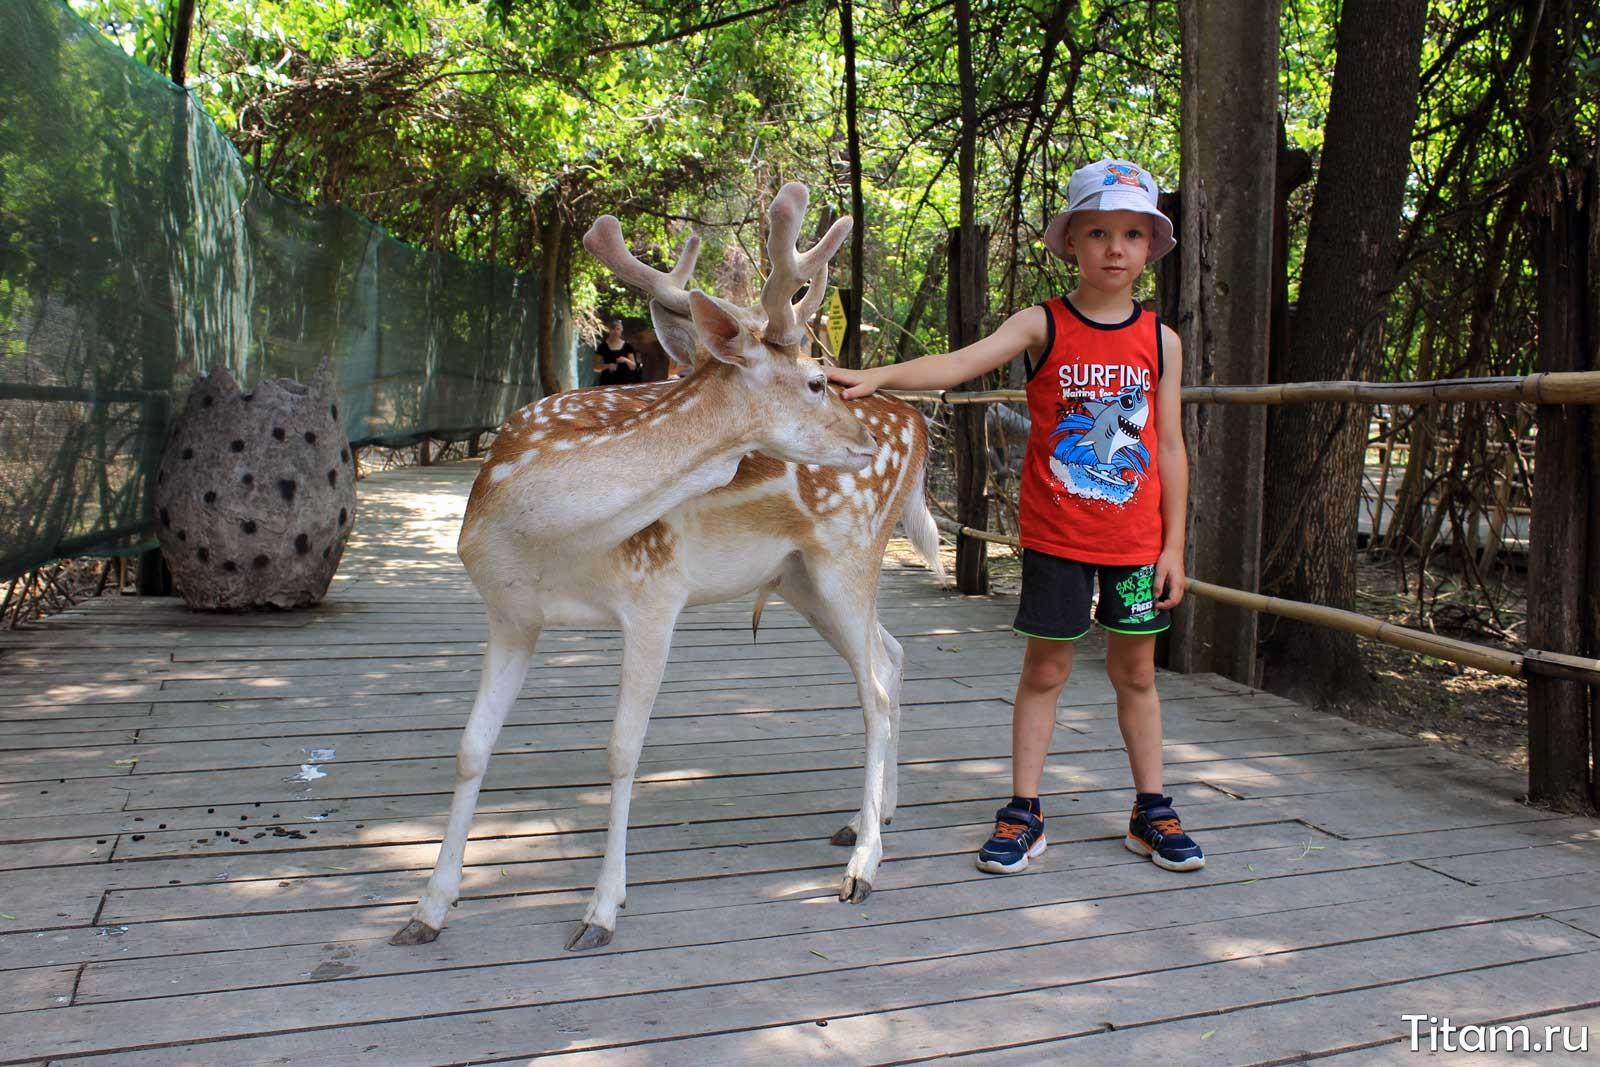 Оленёнок. Сафари-парк Краснодар